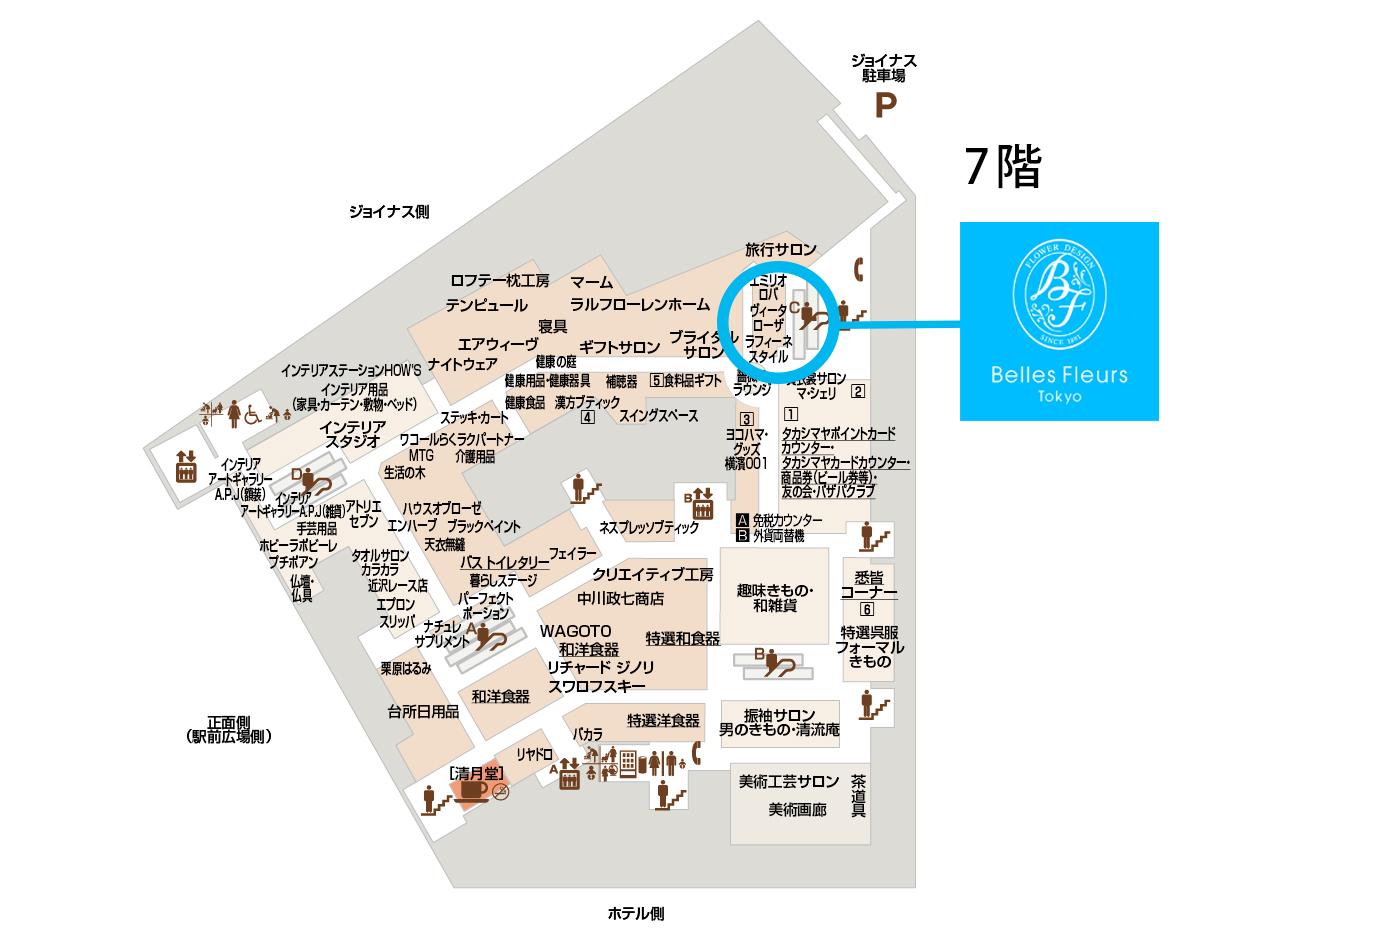 横浜タカシマヤ常設店オープン